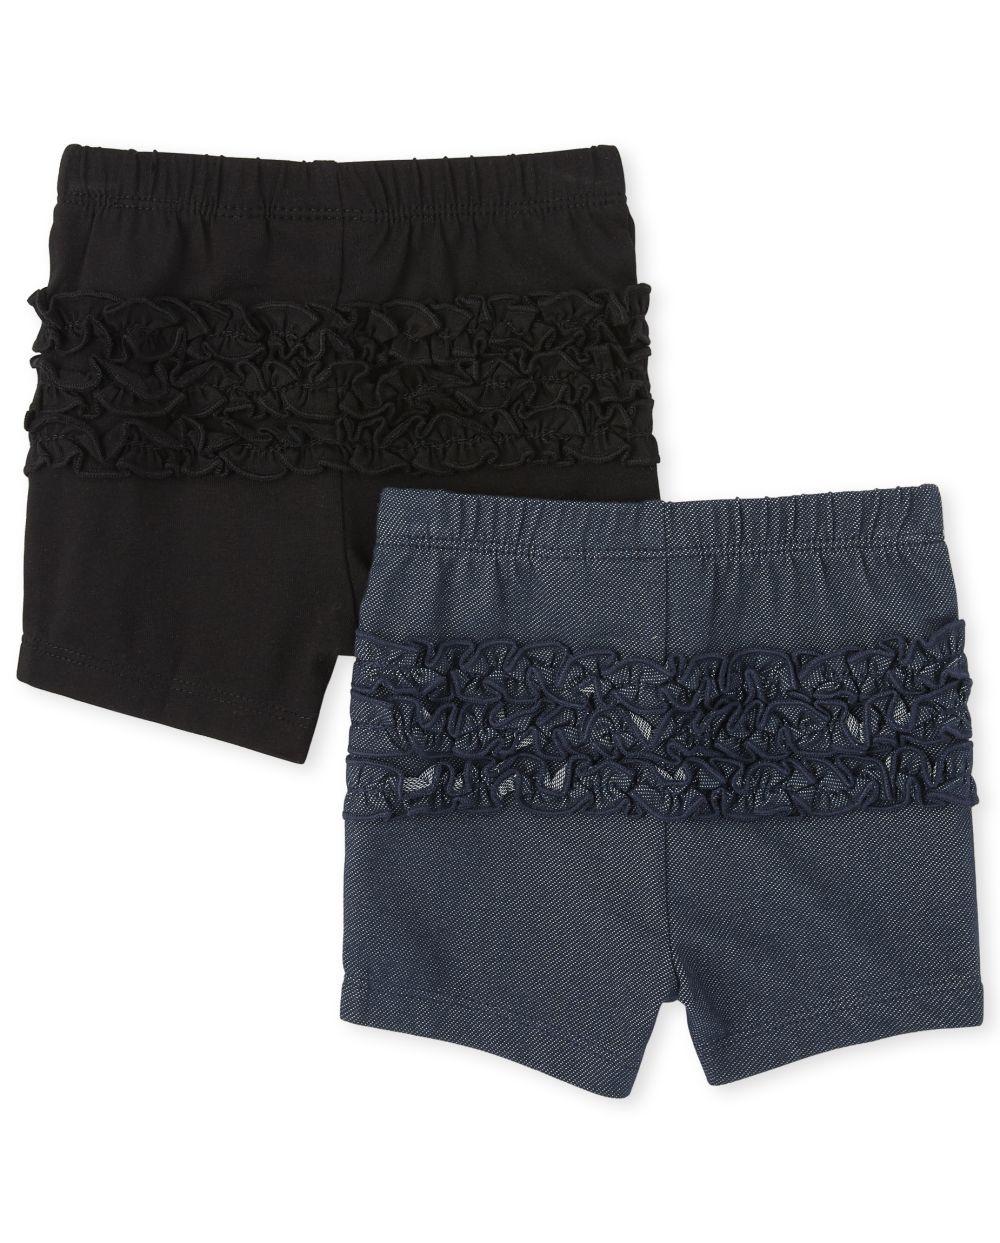 Baby Girls Ruffle Shorts 2-Pack